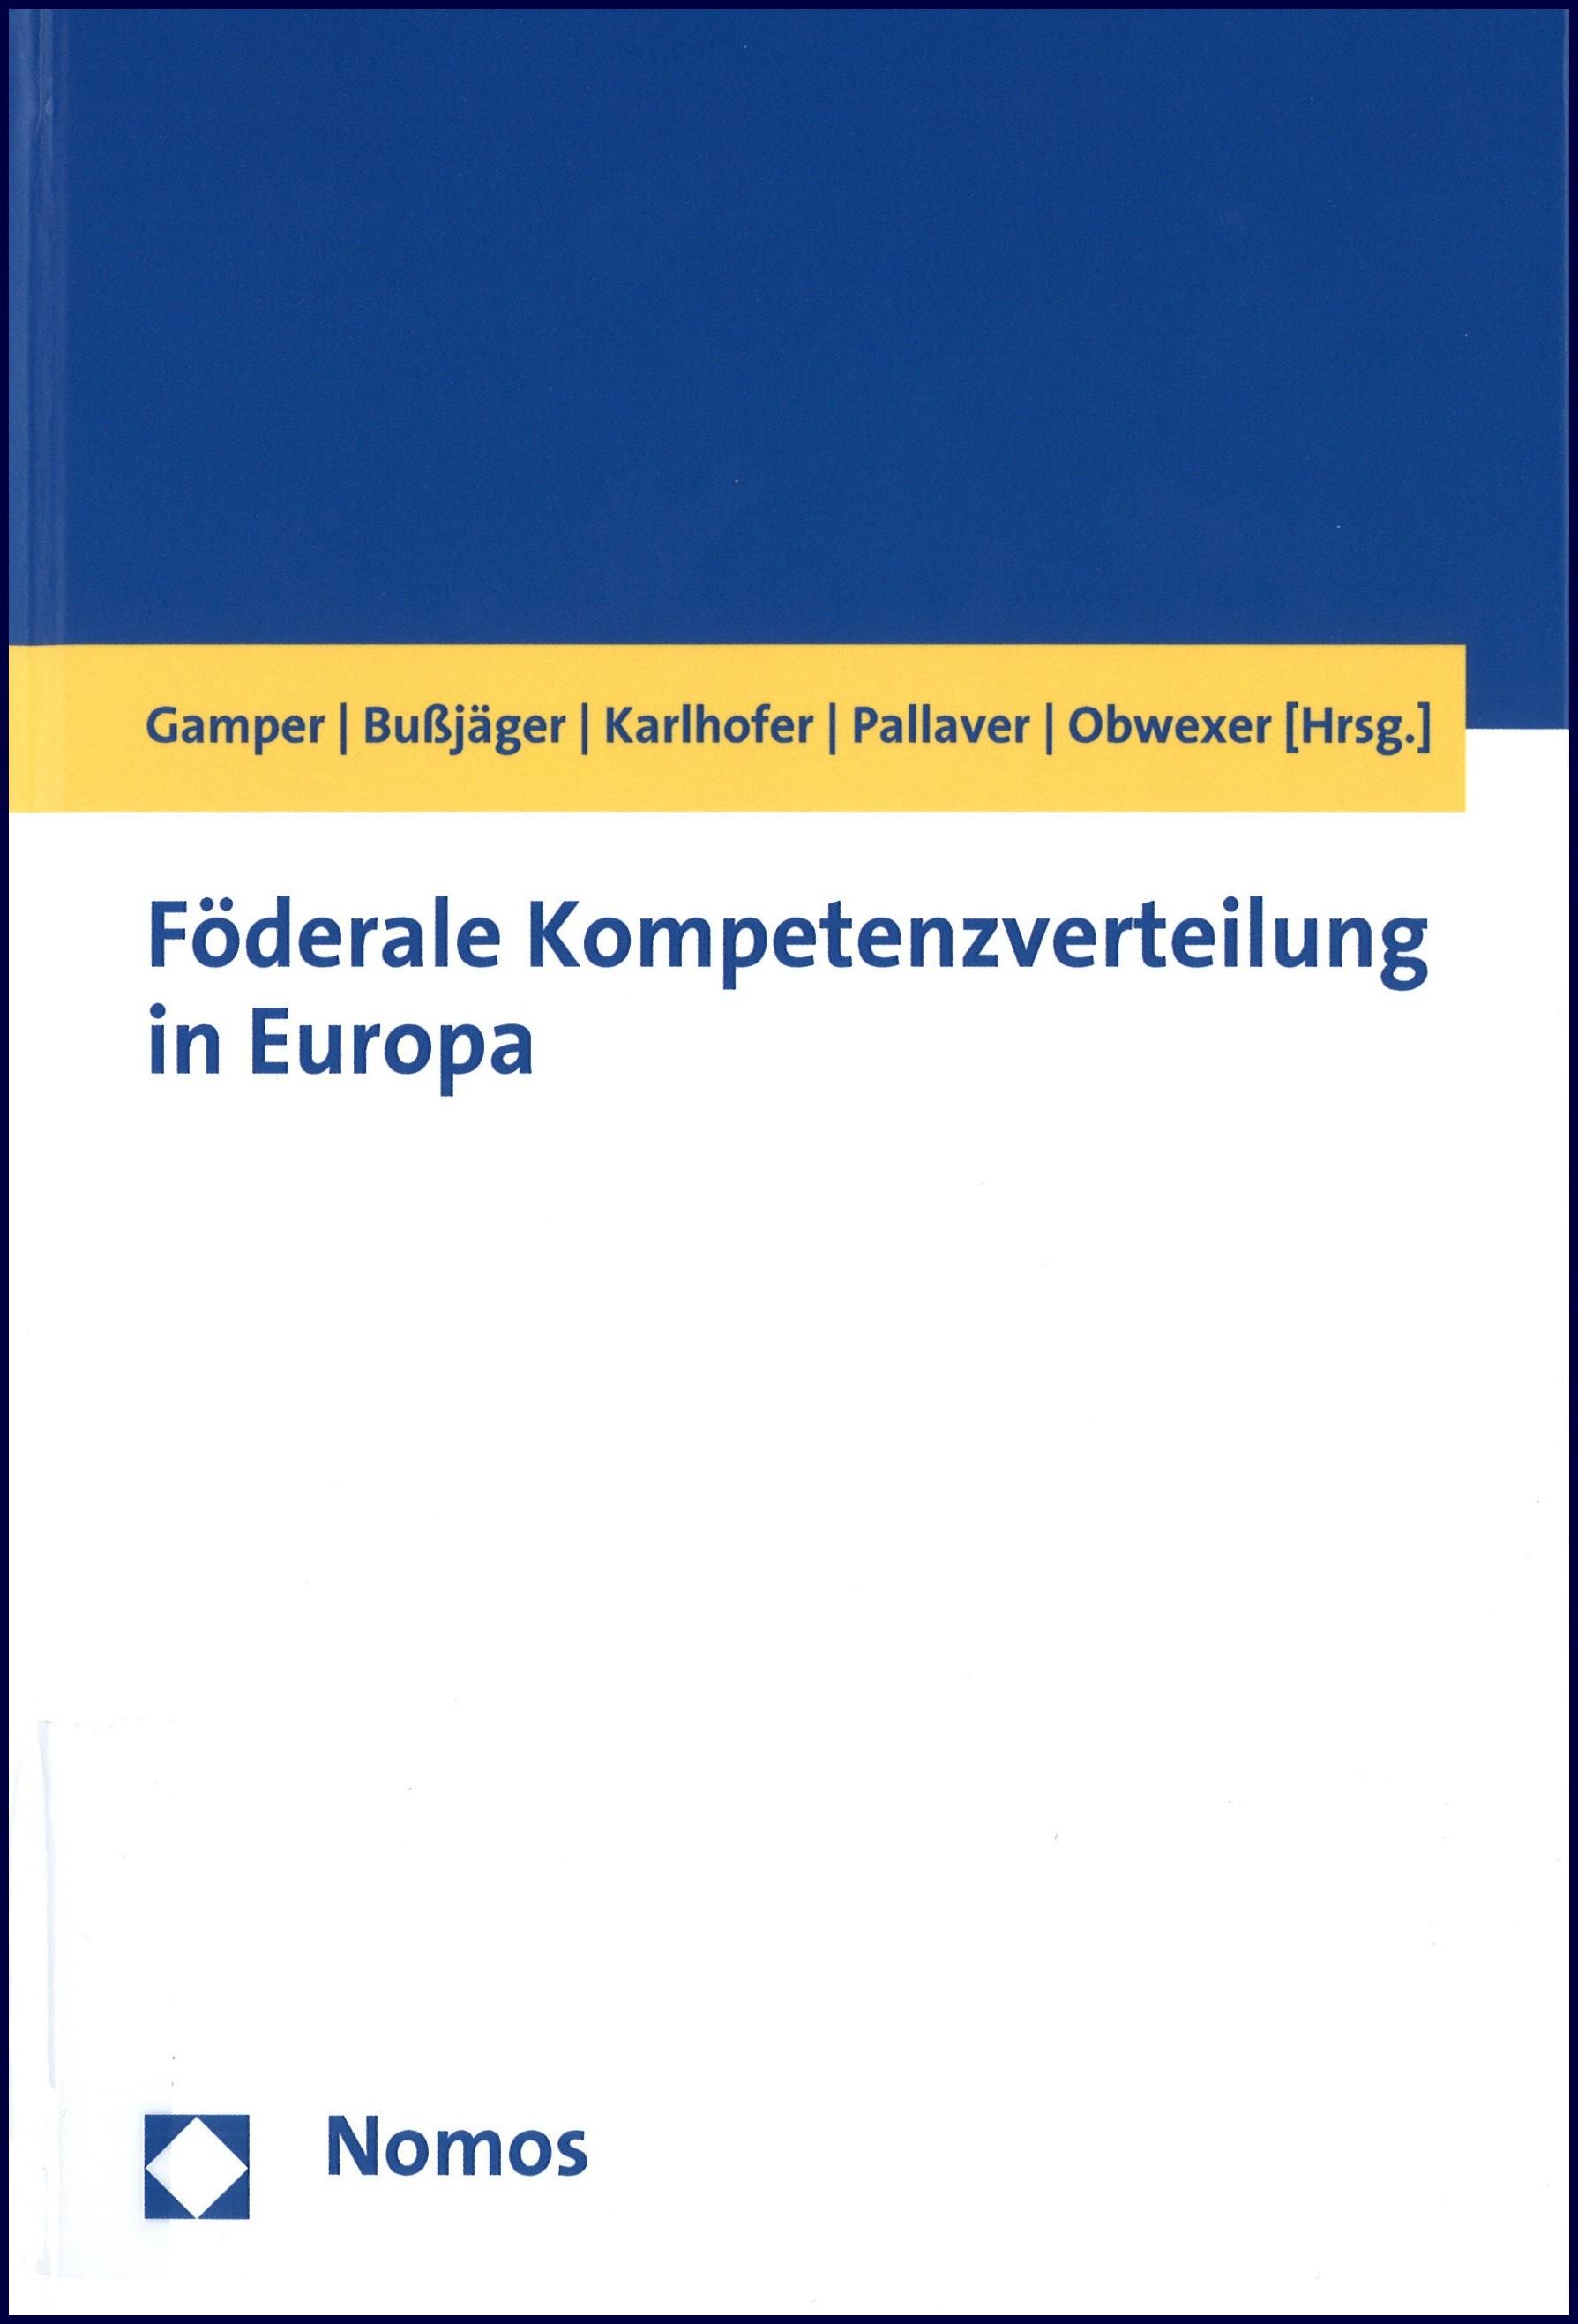 Föderale Kompetenzverteilung in Europa